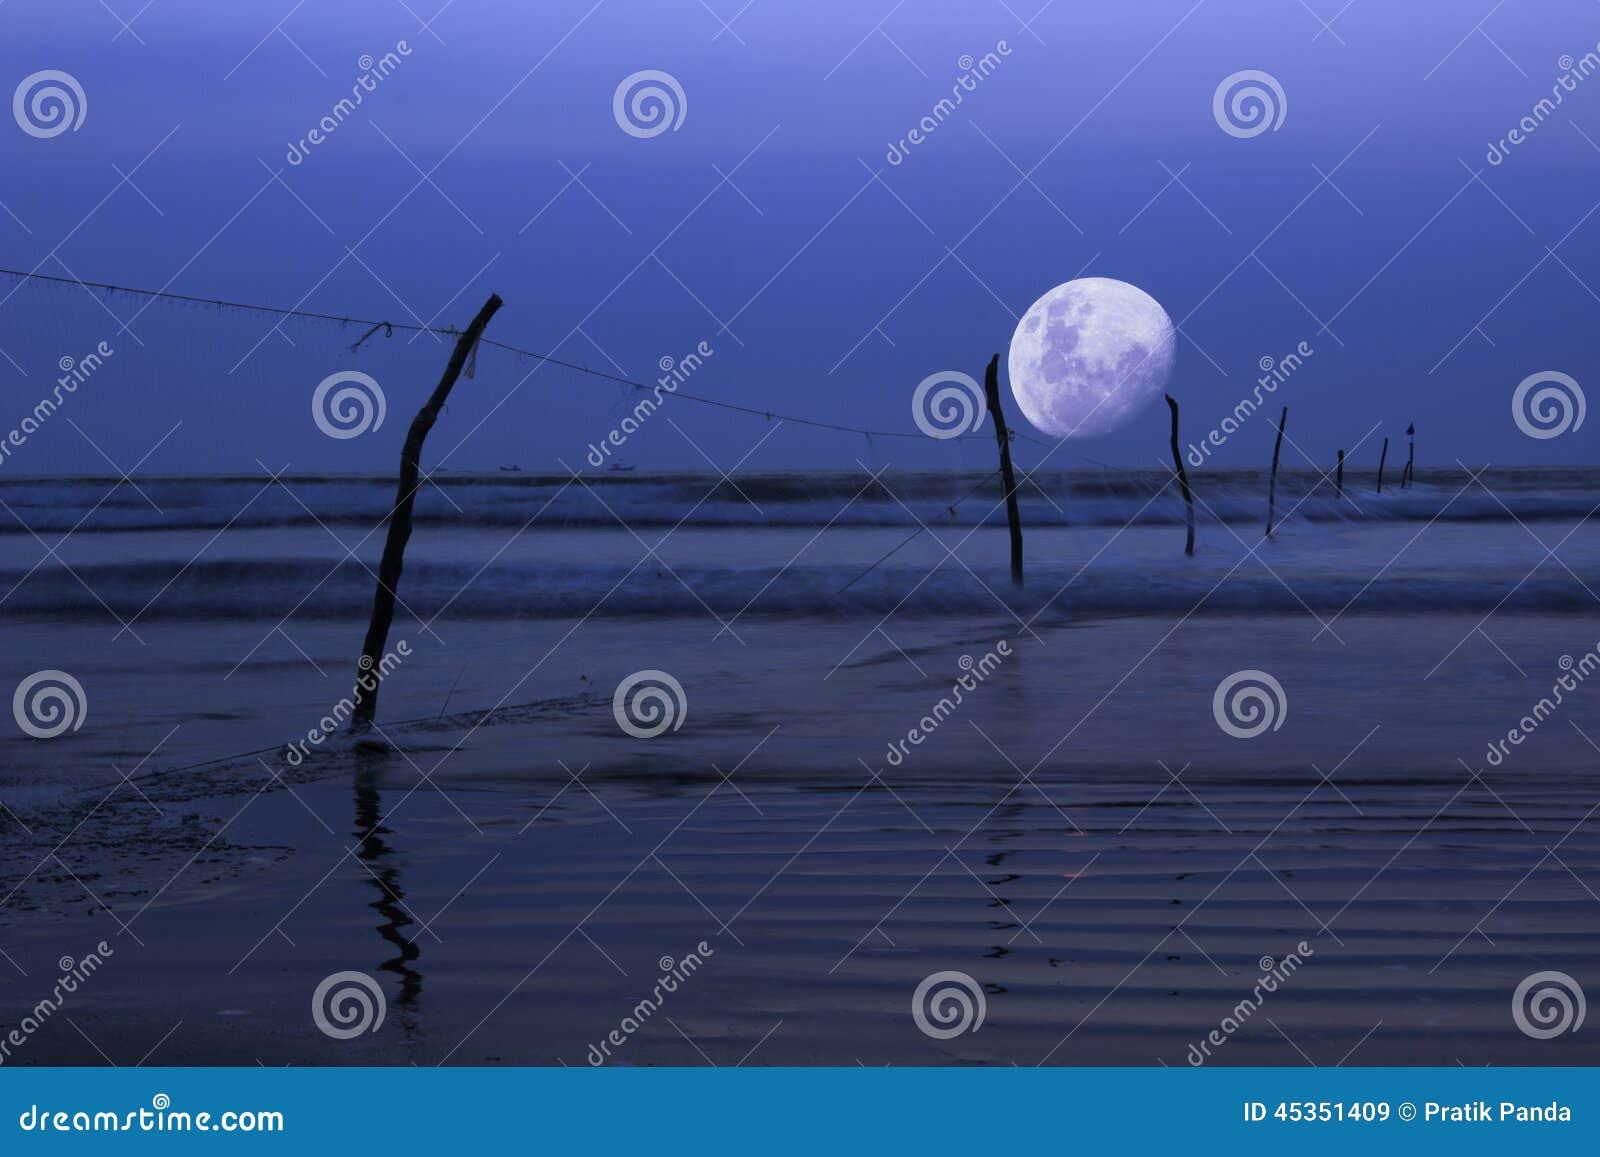 Maan over oceaan, nachtscène